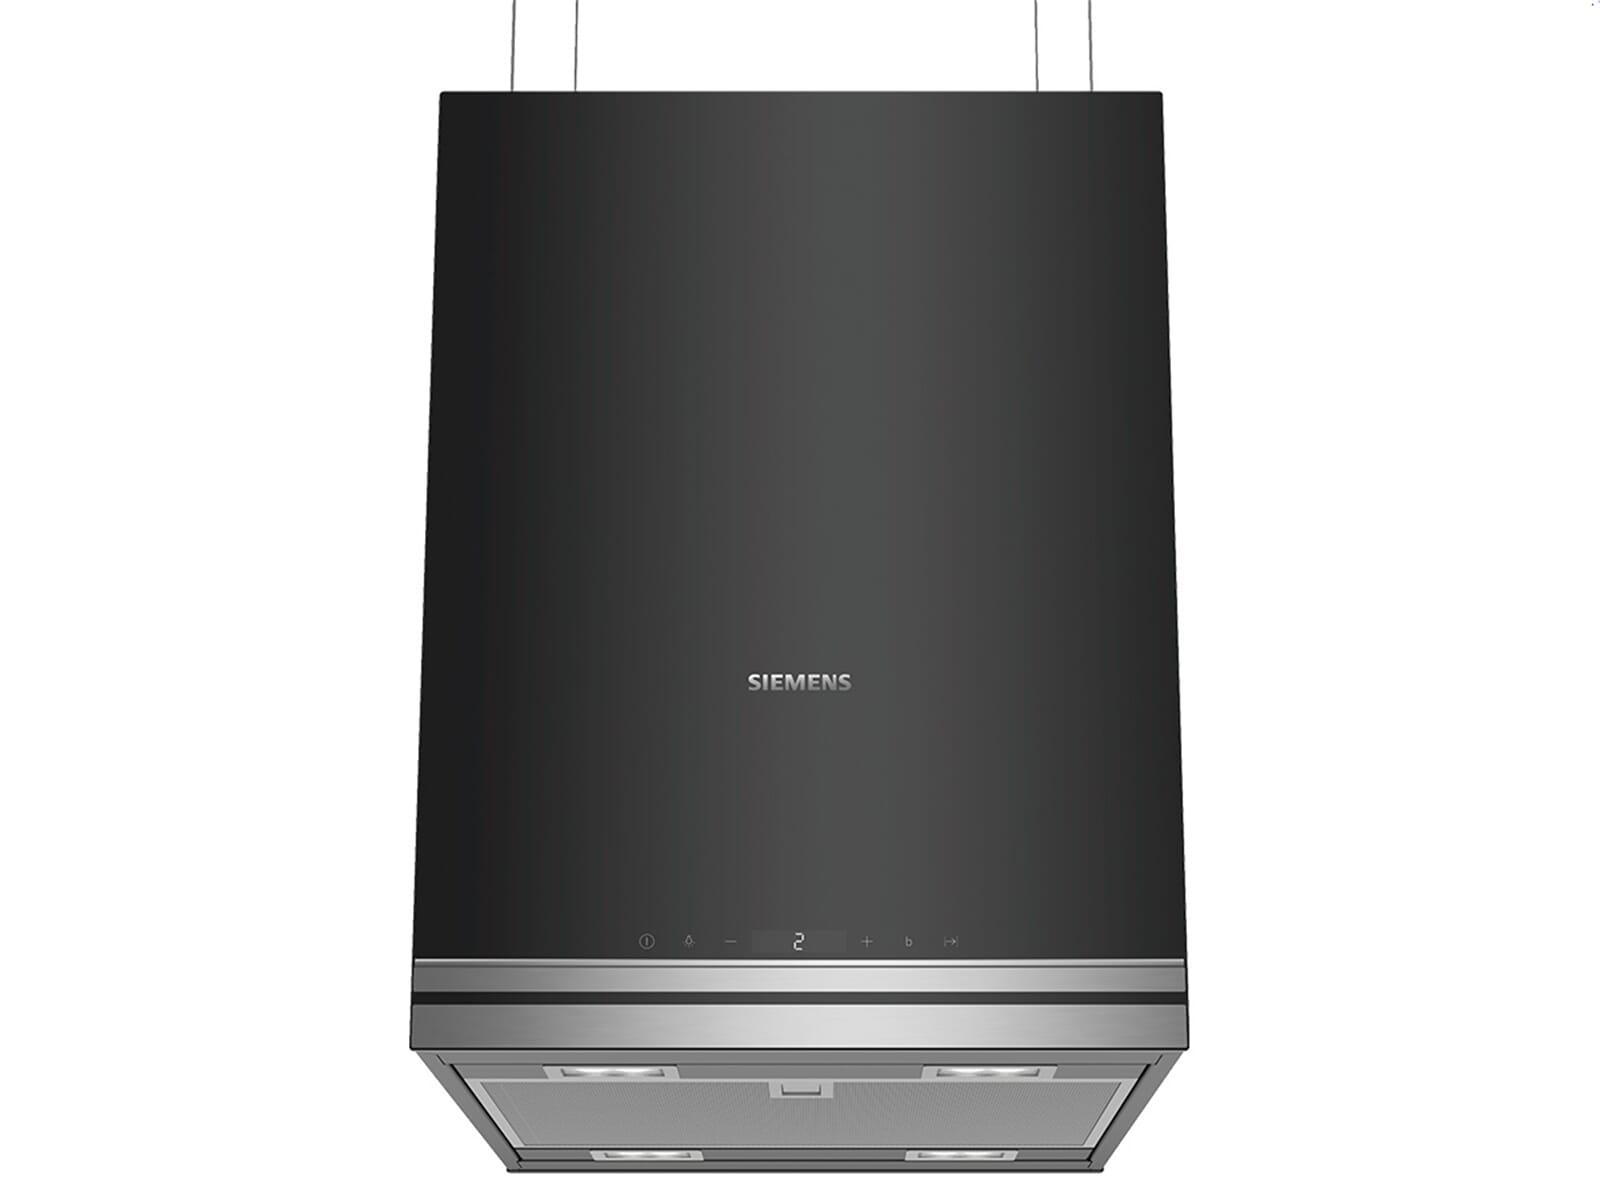 Siemens Kühlschrank Nach Transport Stehen Lassen : Siemens lf31ivp60 inselhaube schwarz